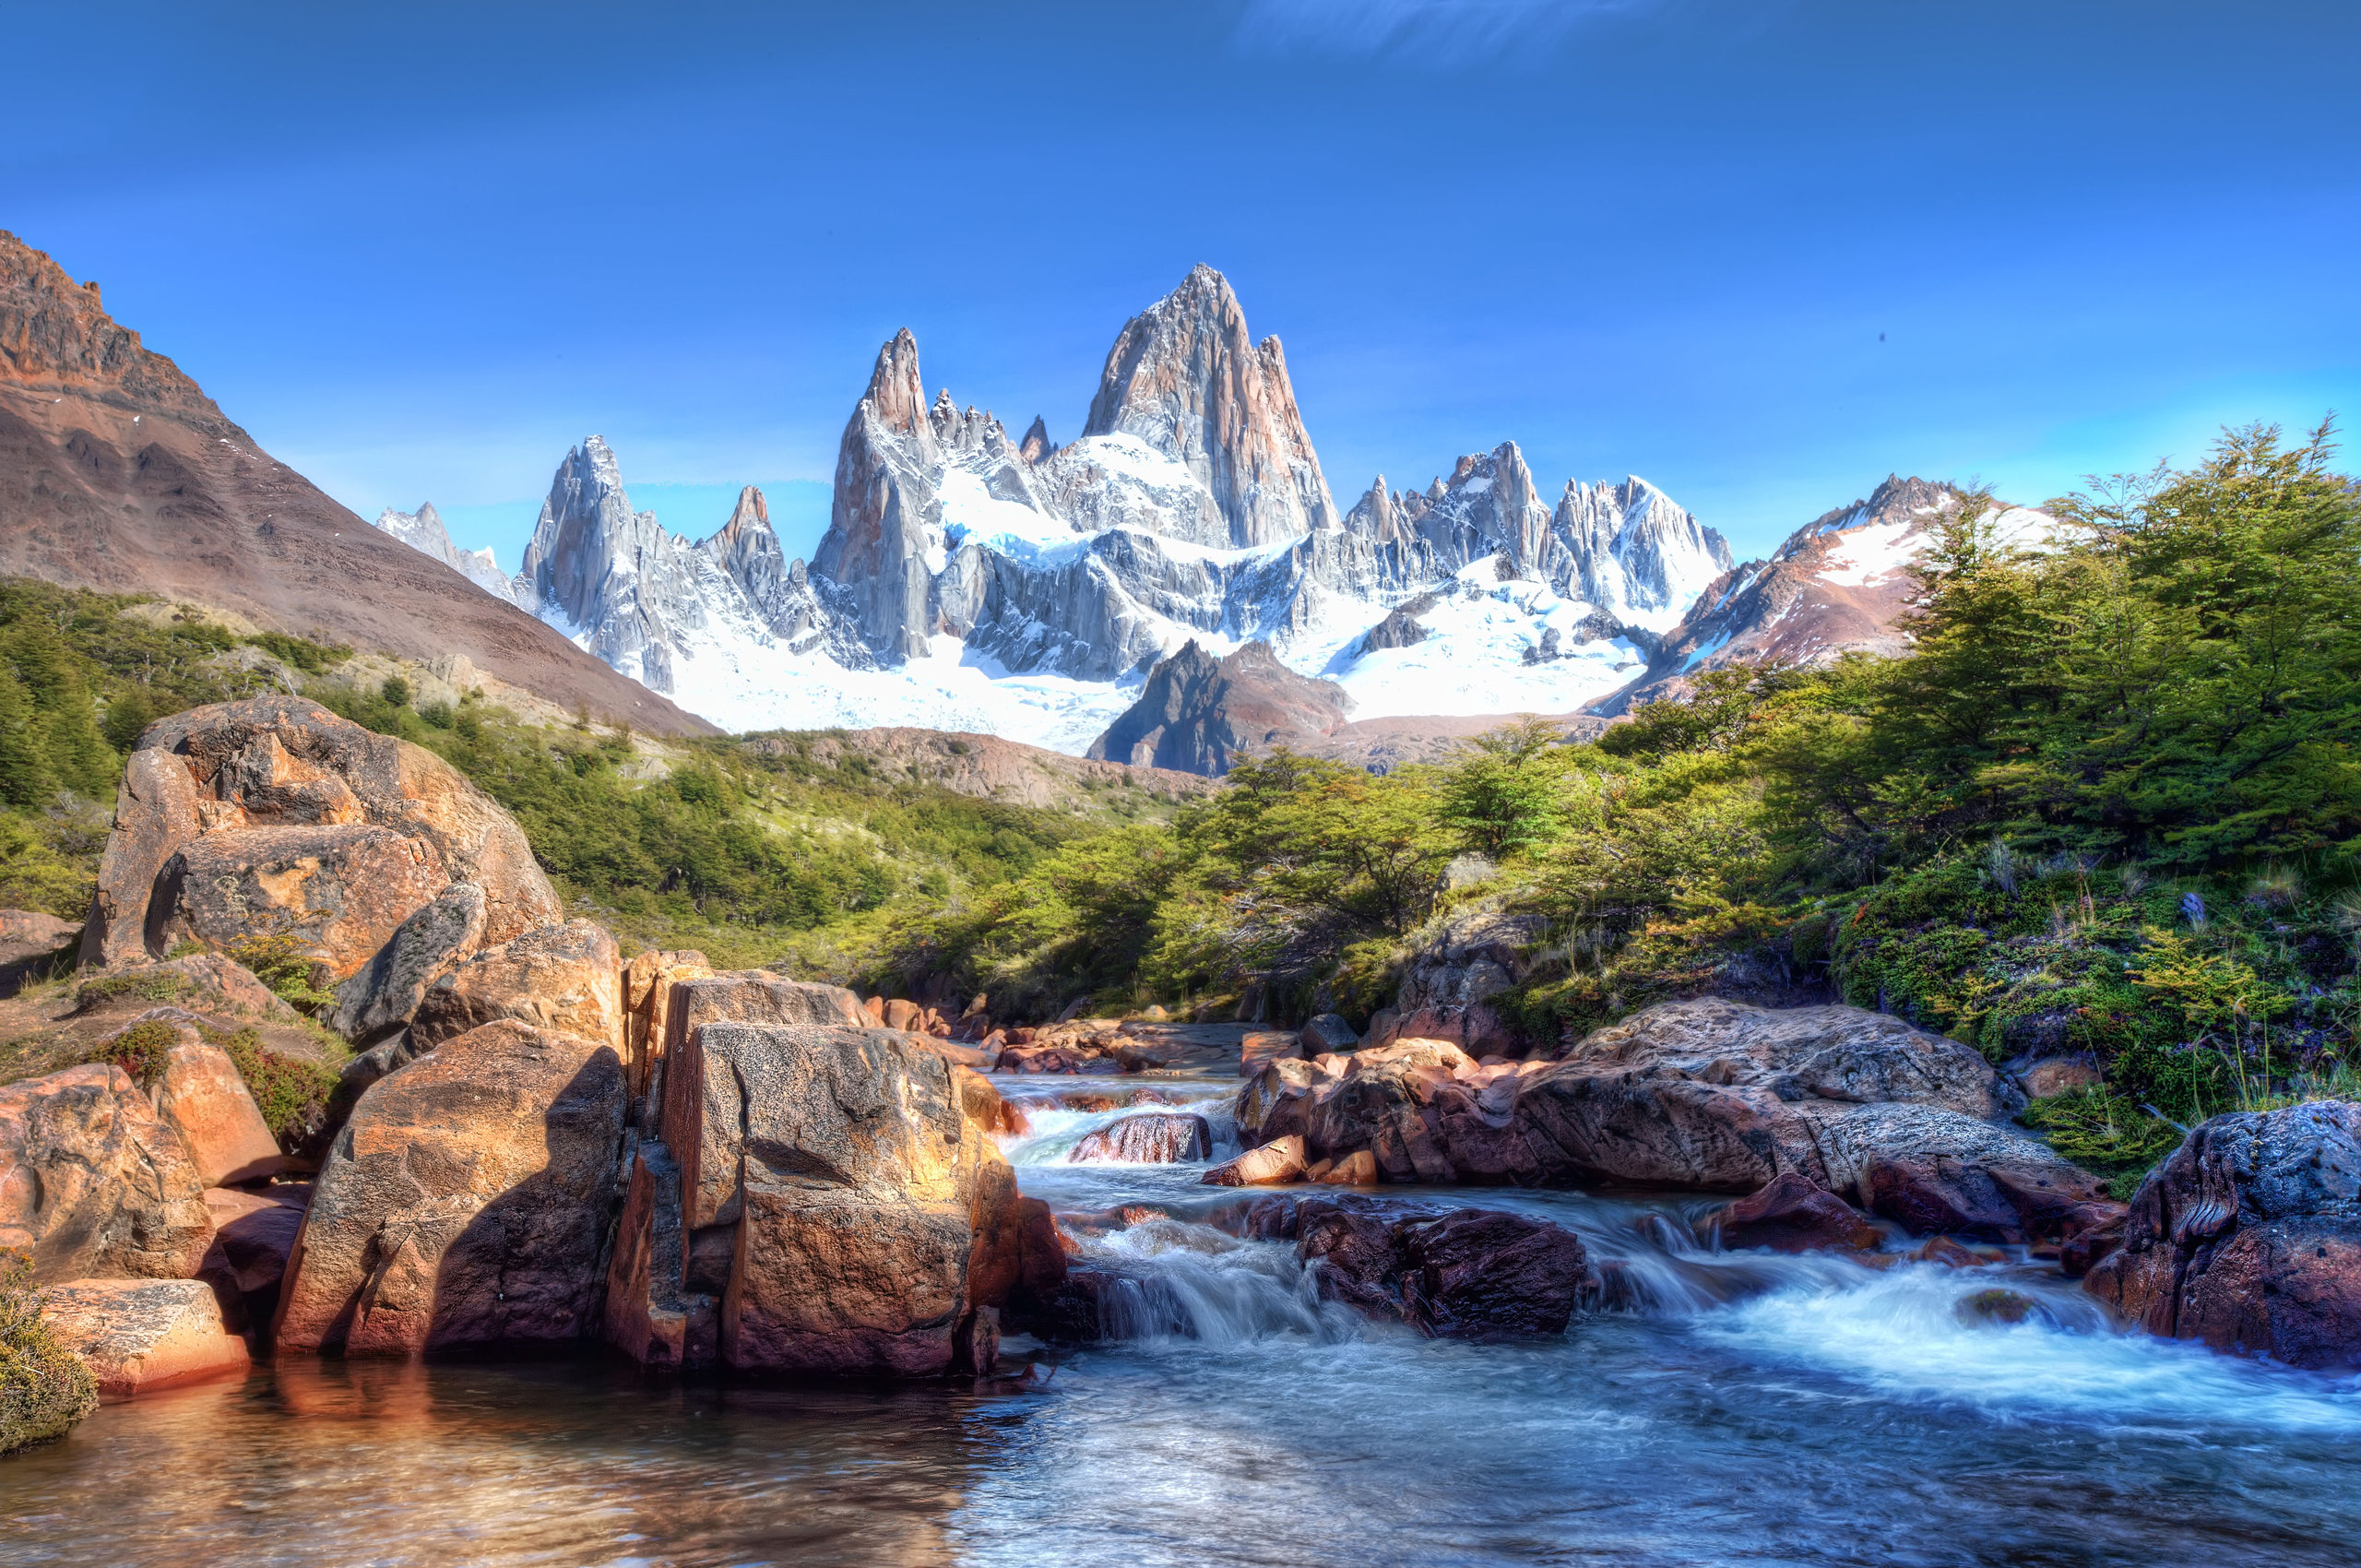 природа река горы скалы деревья облака  № 3796695 бесплатно